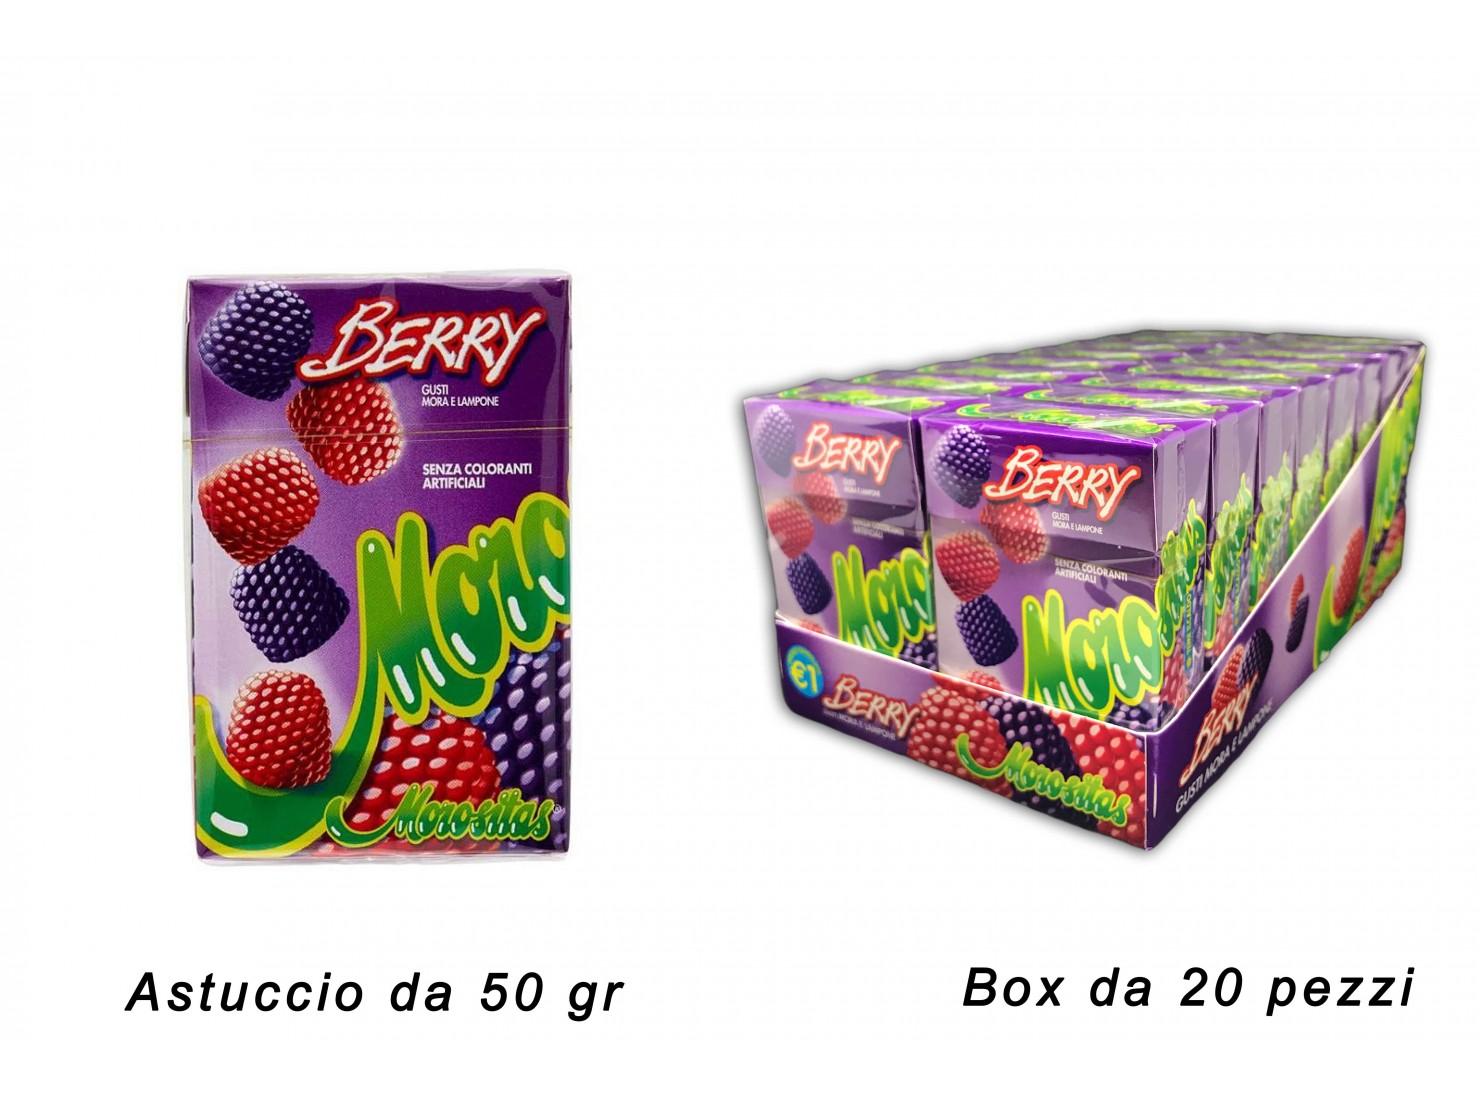 MOROSITAS BERRY ASTUCCIO 50 GR